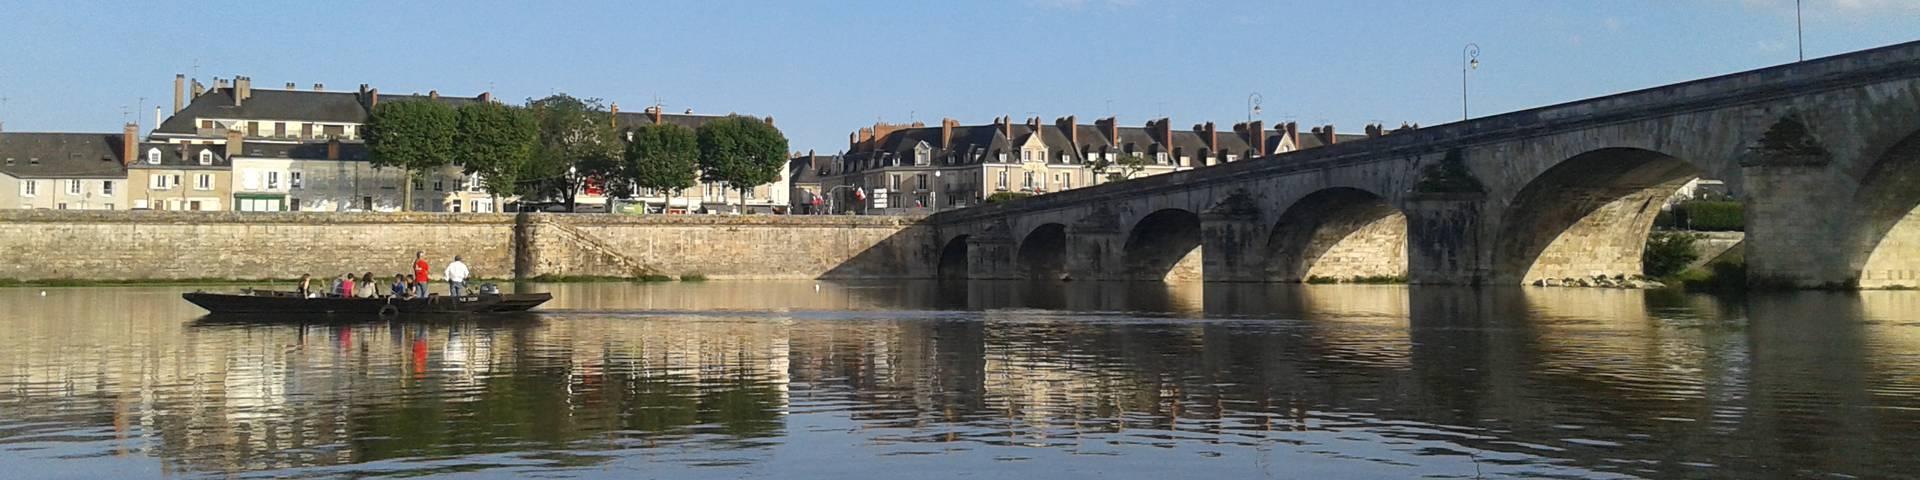 Il fiume Loira